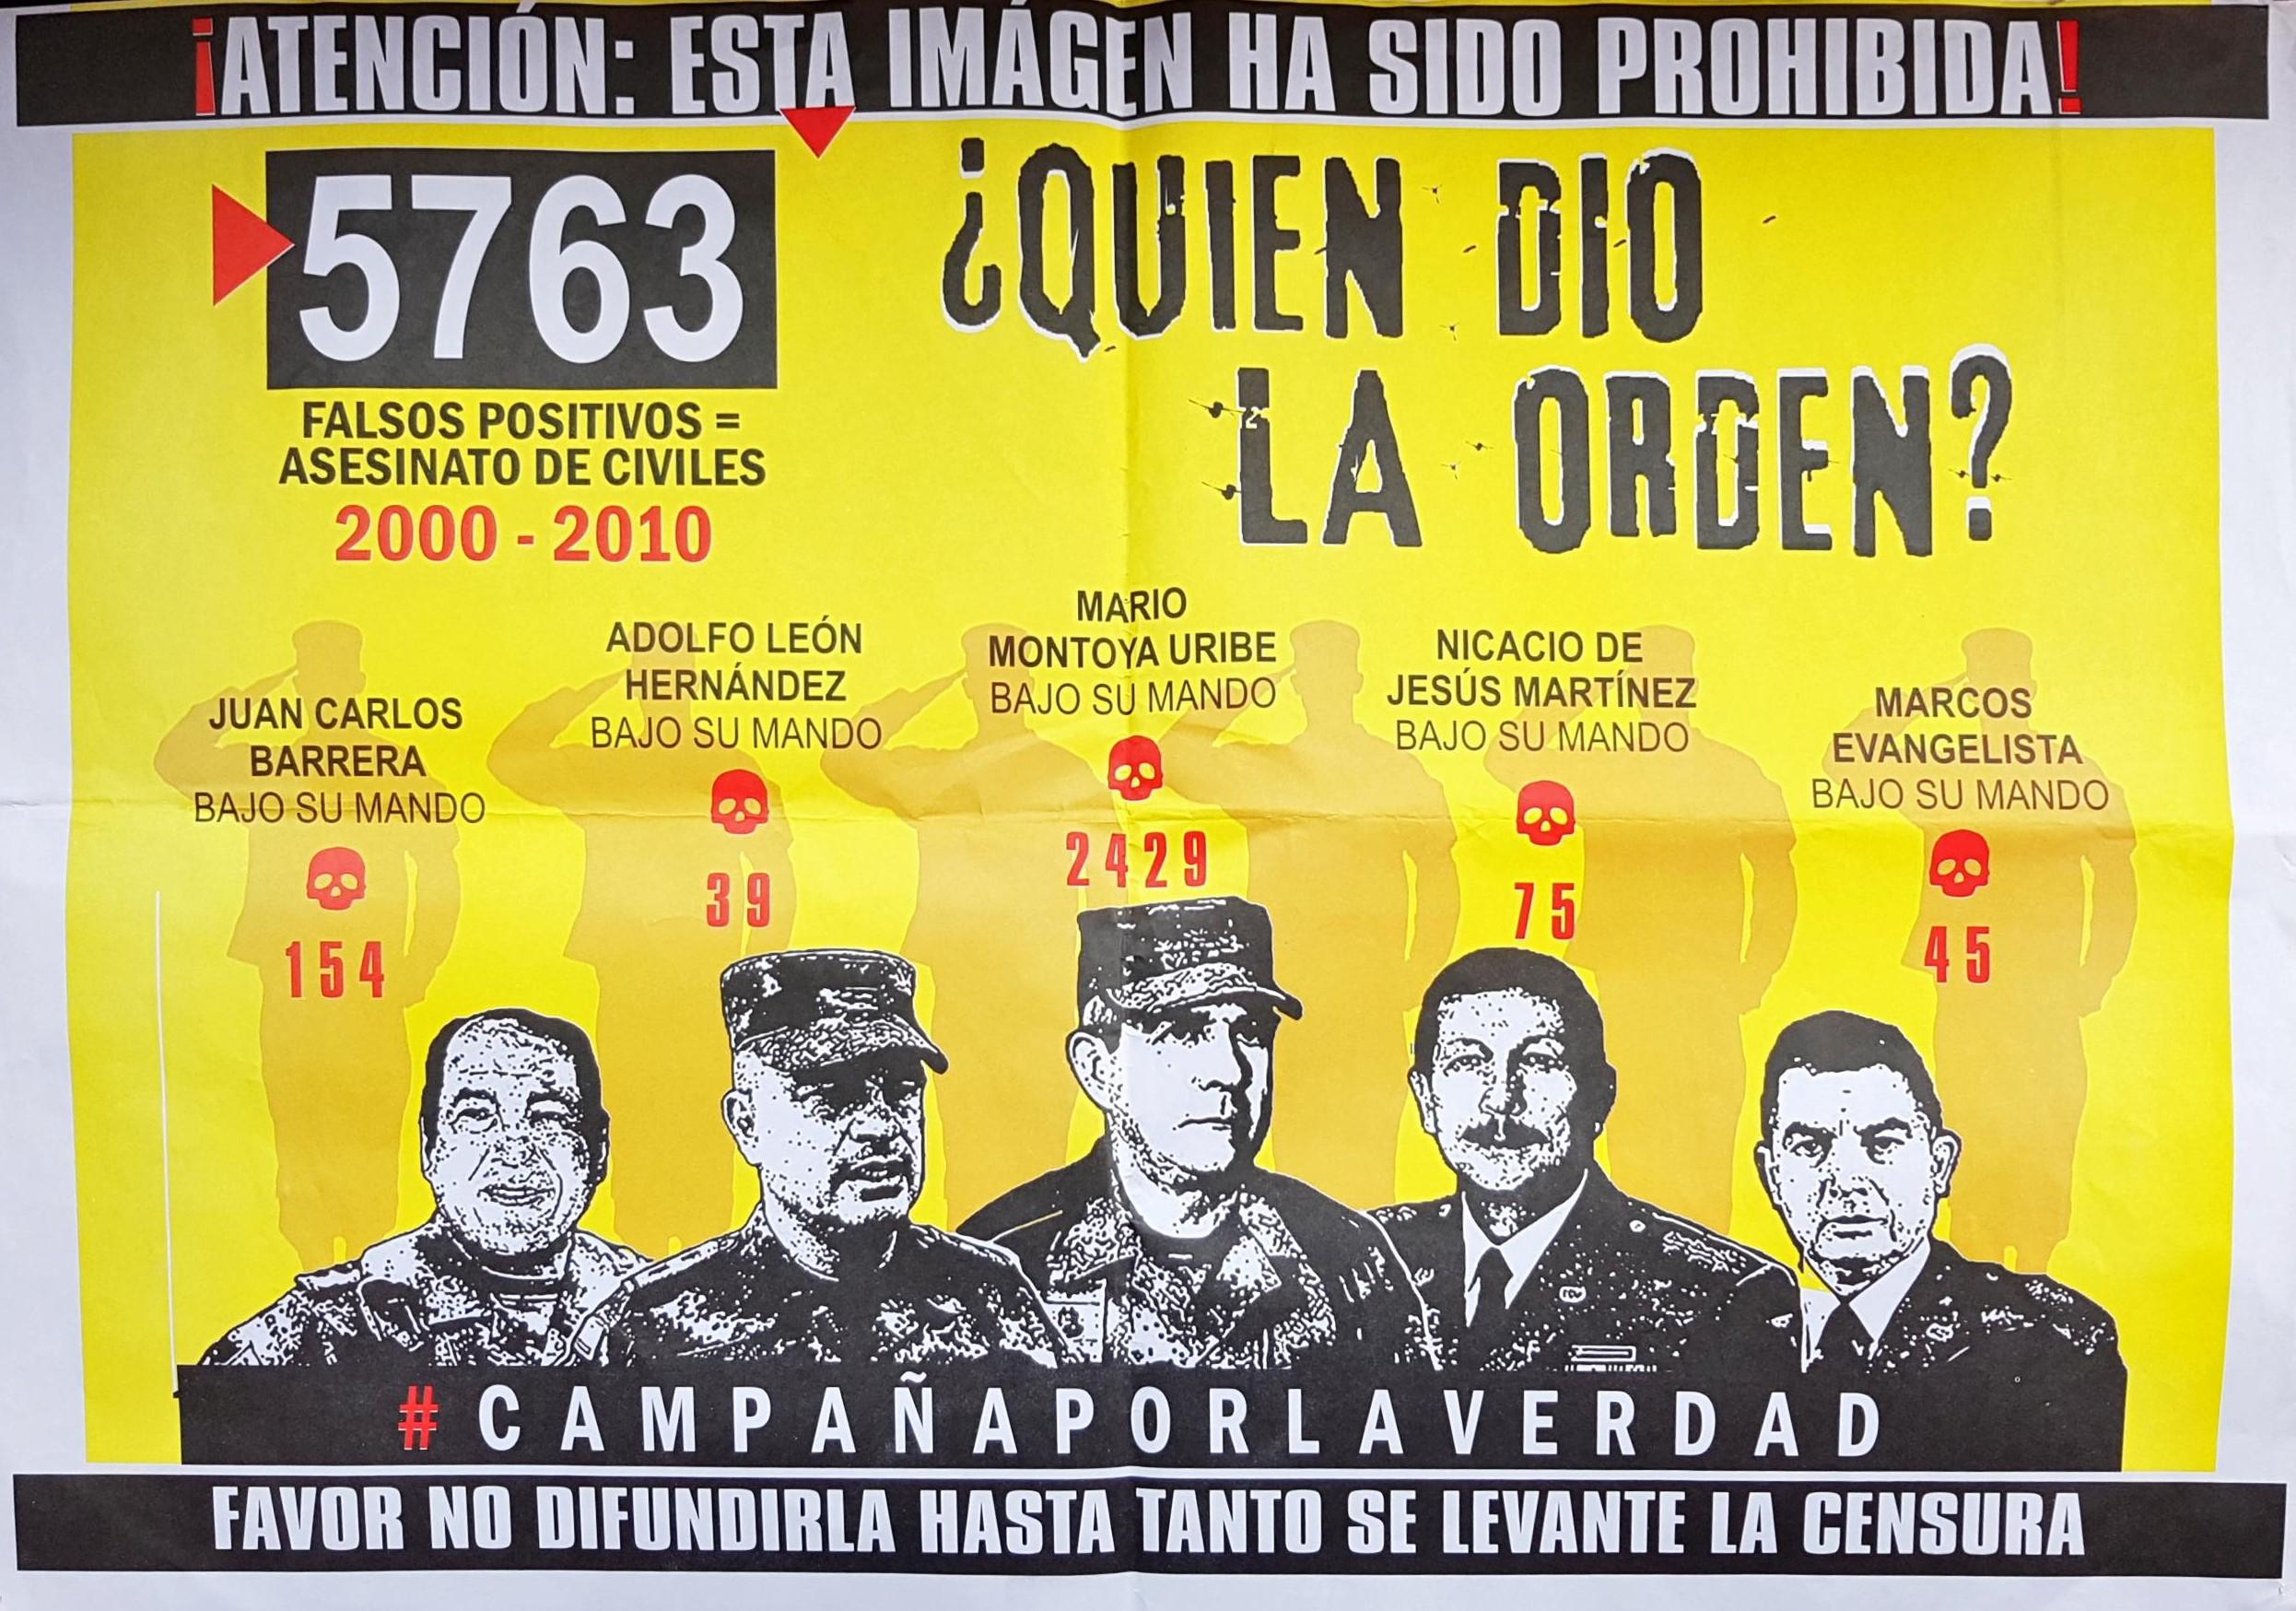 Campana_por_la_verdad_Colombia